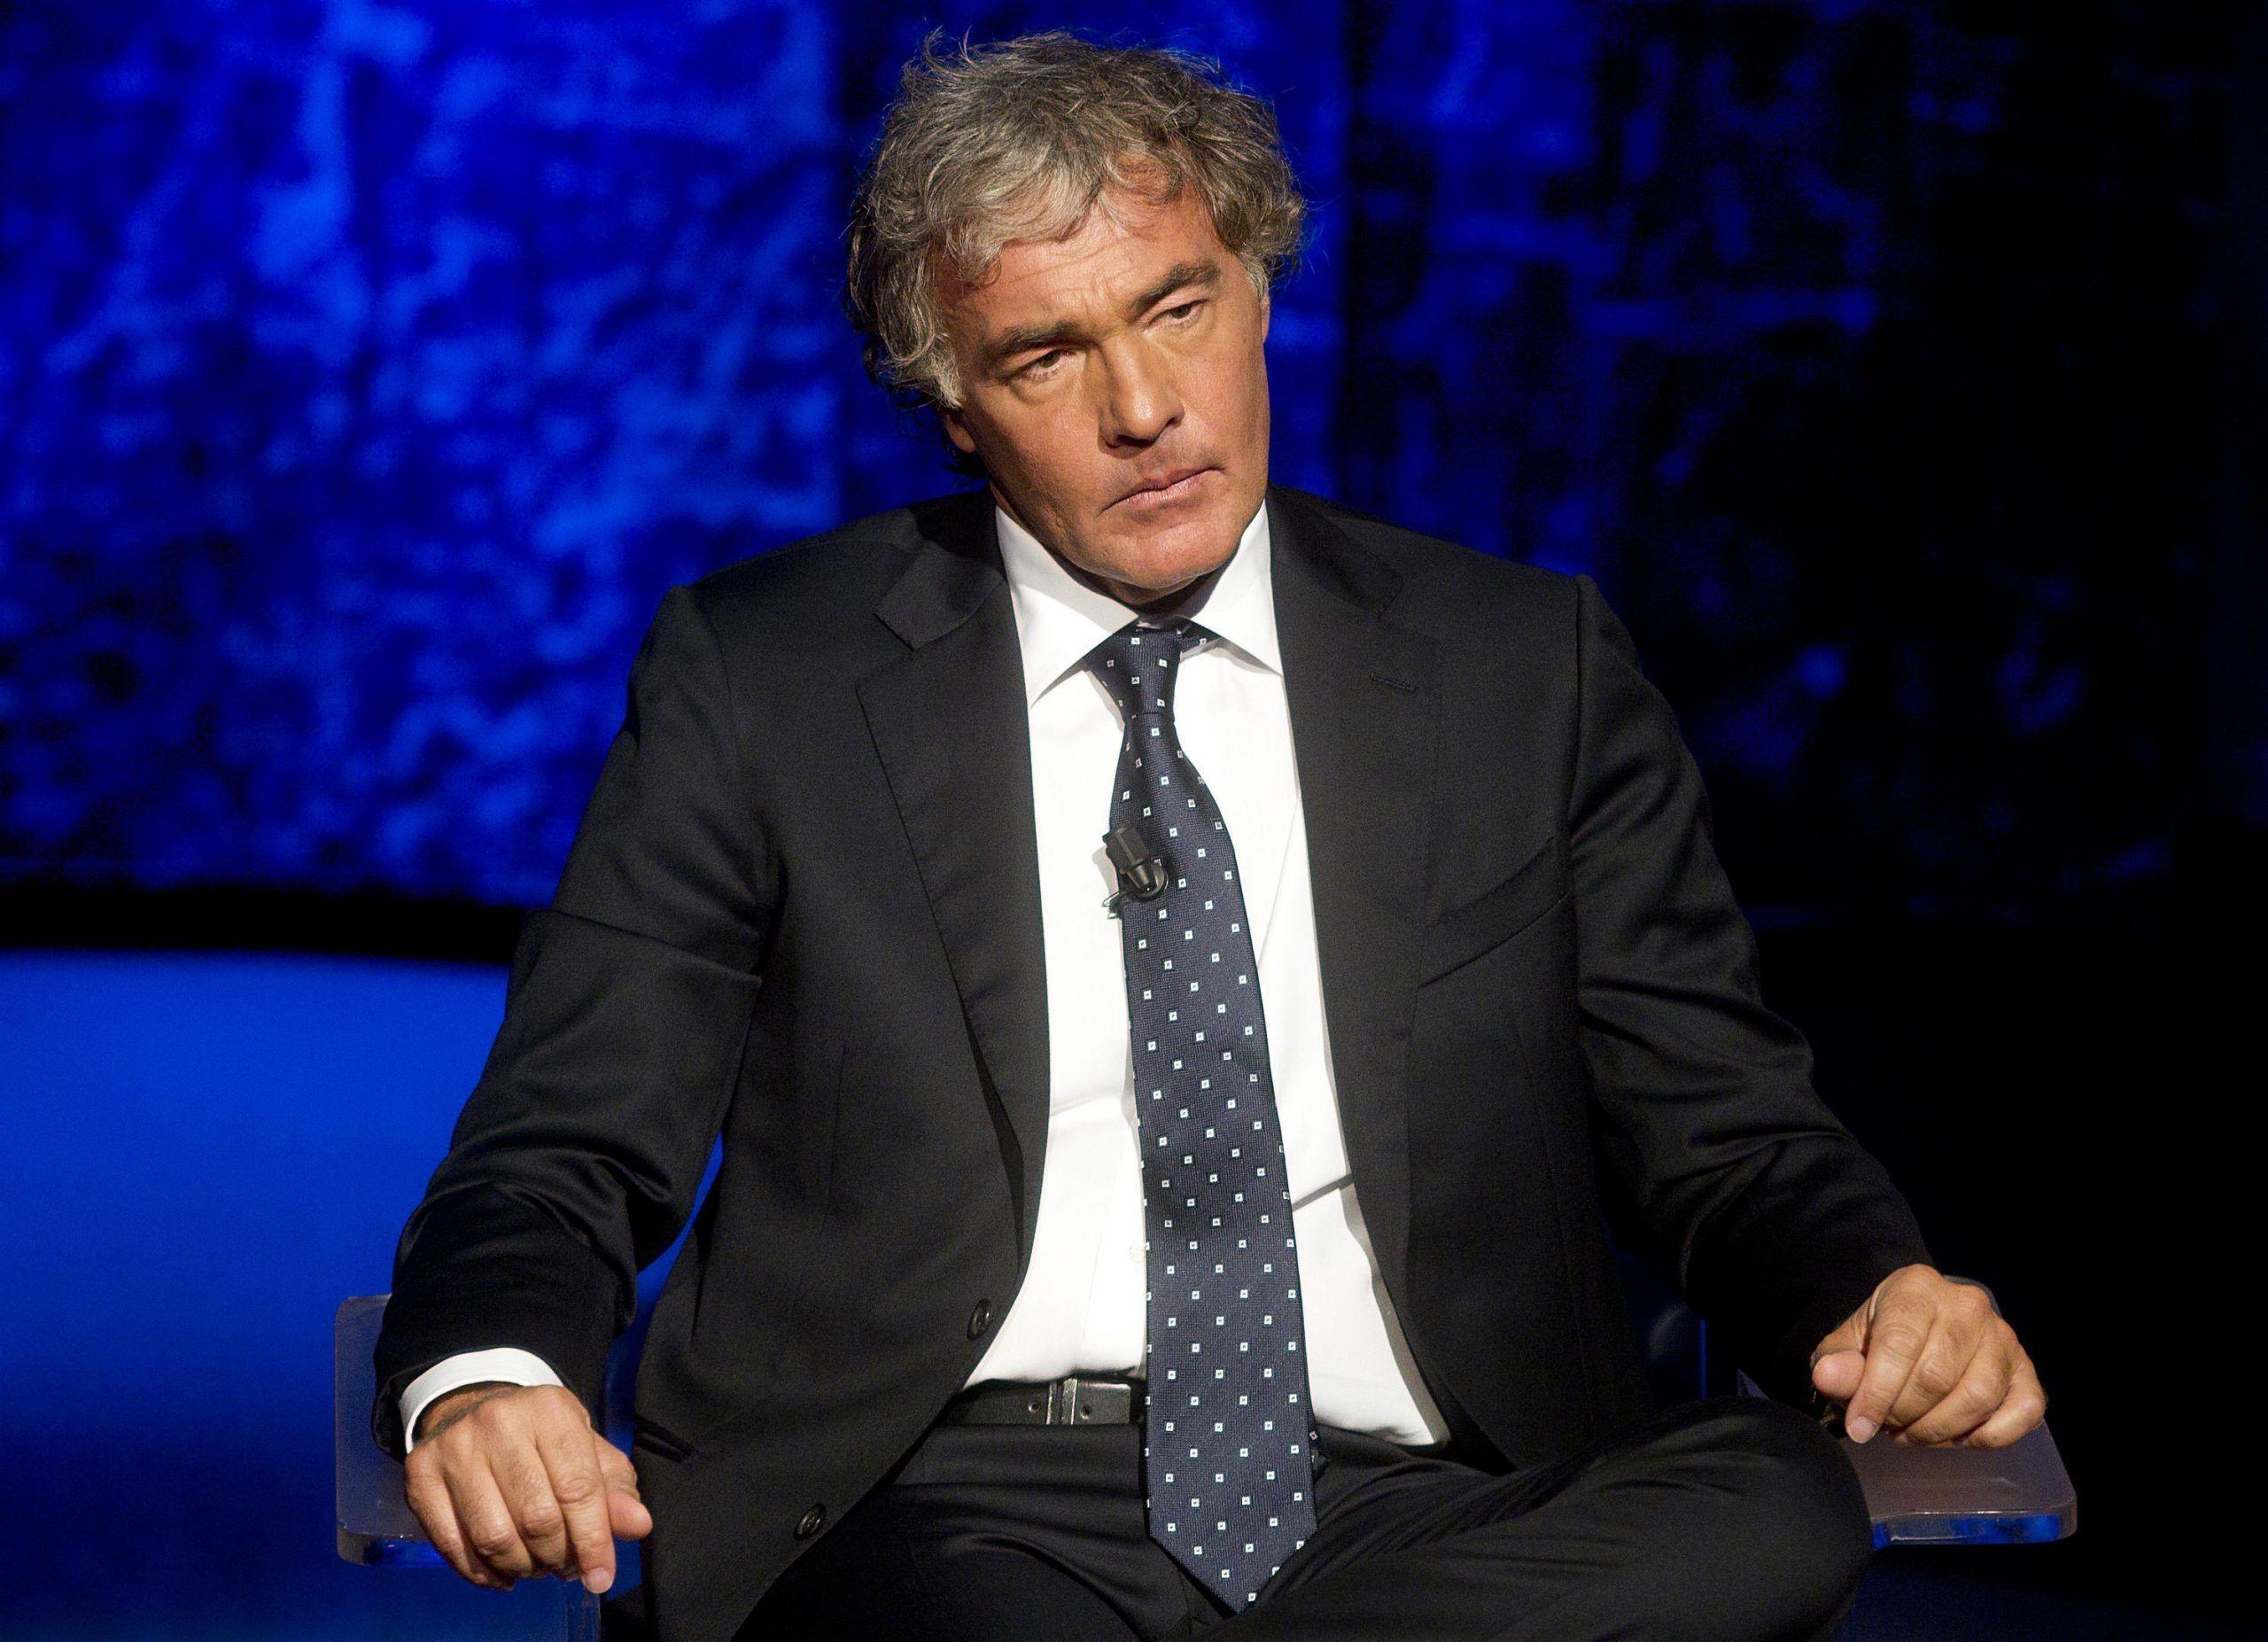 Massimo Giletti: 'Non ho ancora deciso se restare in Rai. Sono uno spirito libero, non accetto compromessi'